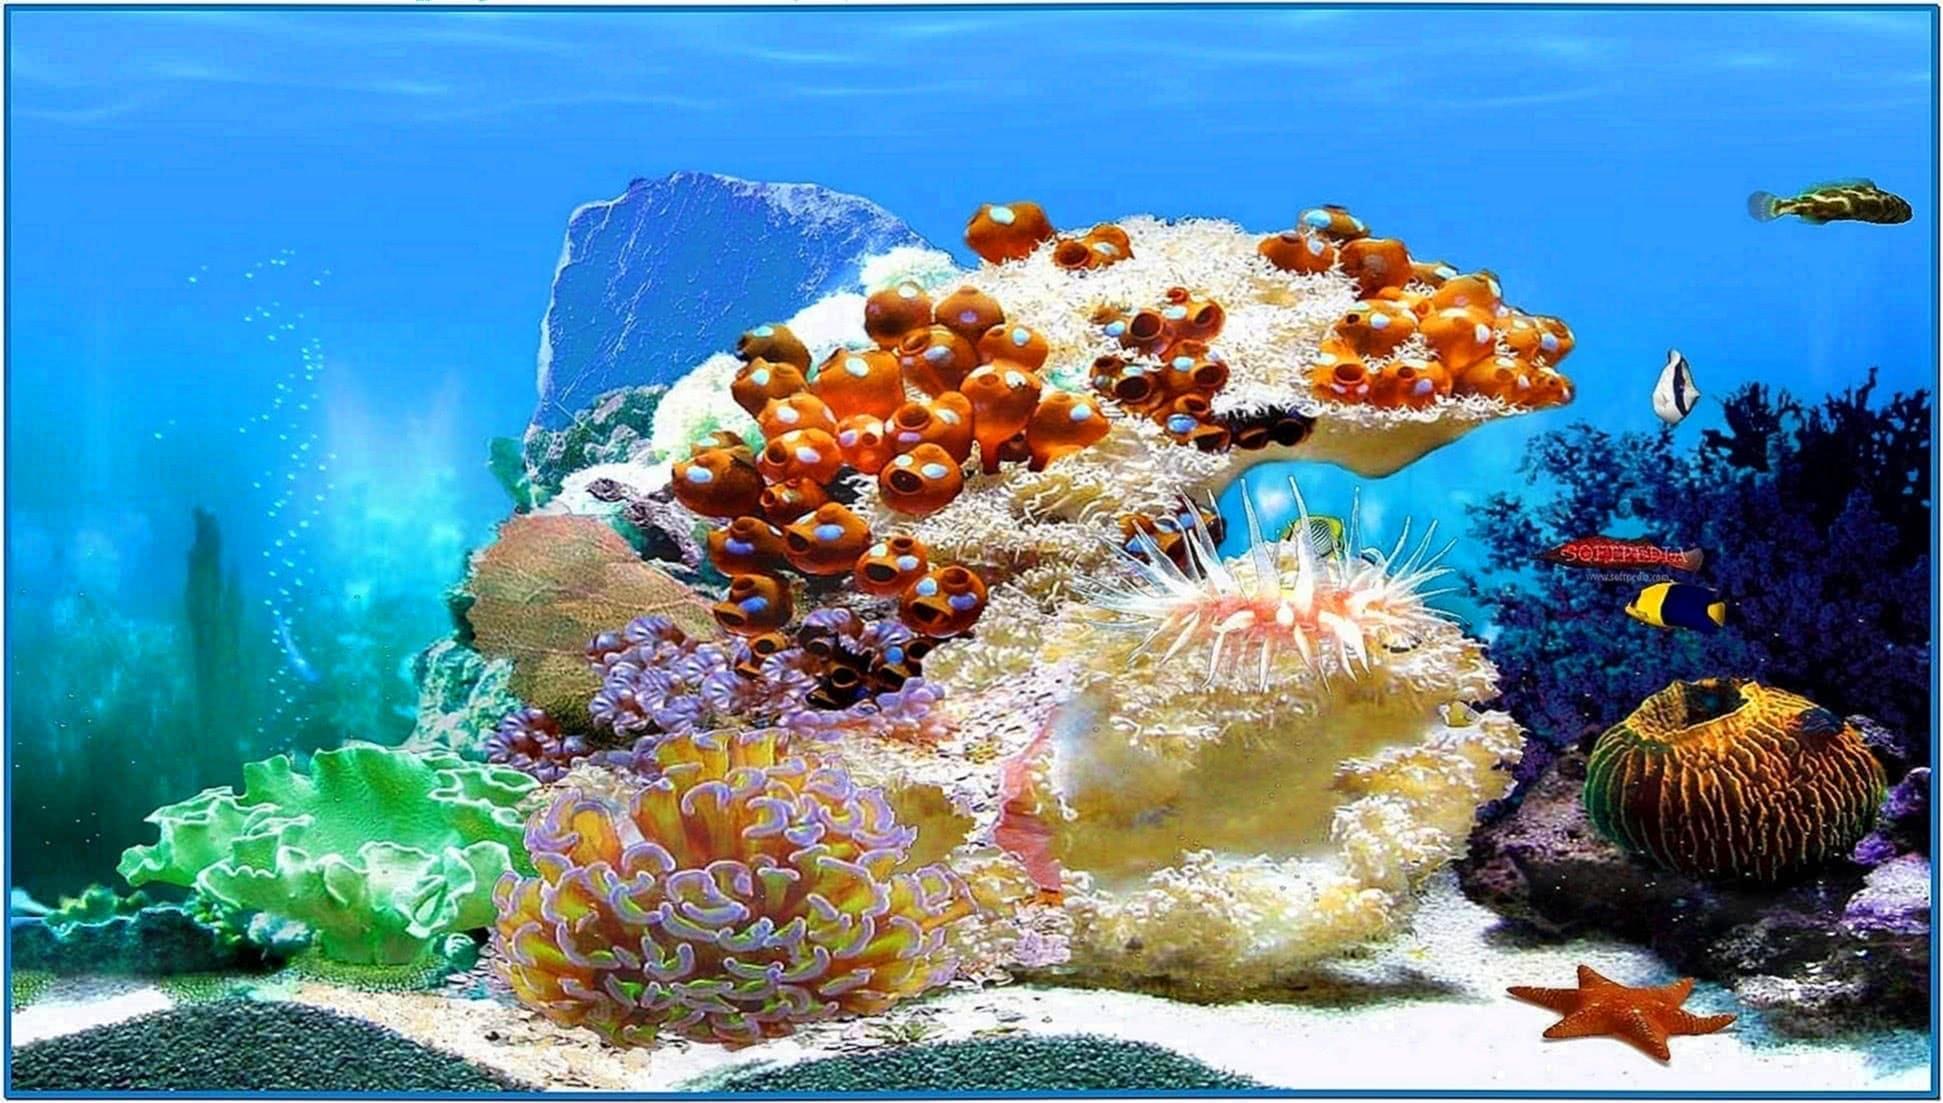 Animated 3D Aquarium Screensaver